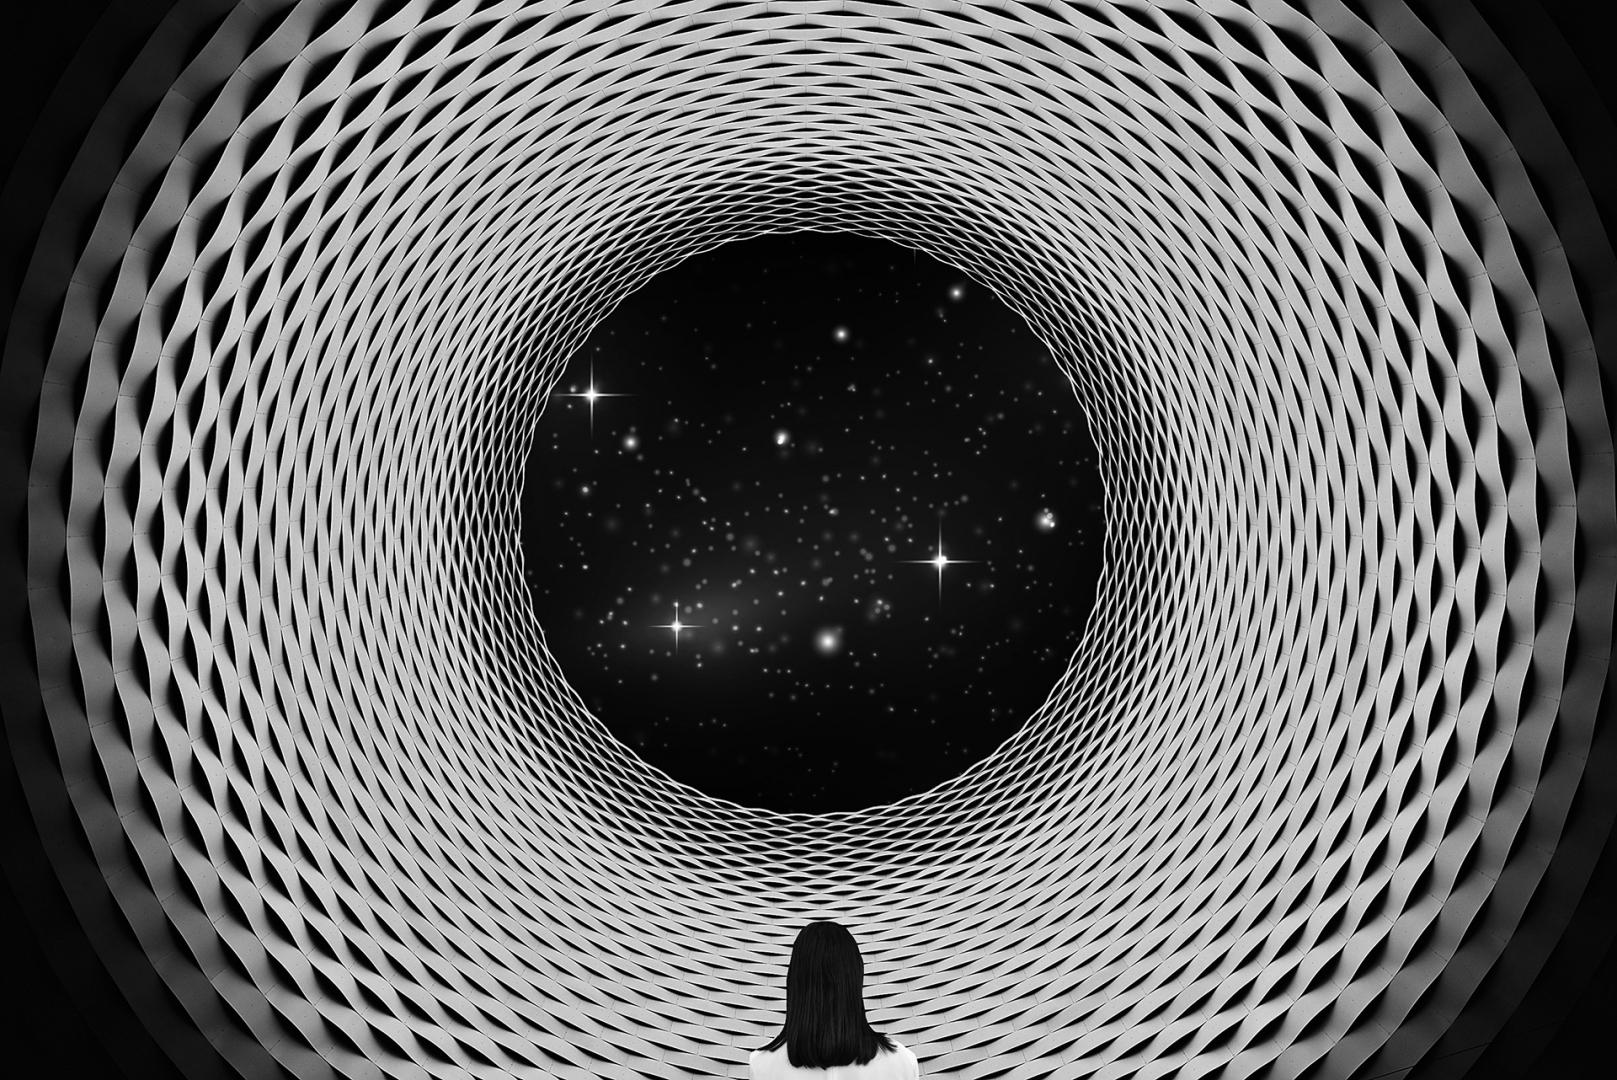 Arte Digital/Trilho de estrelas